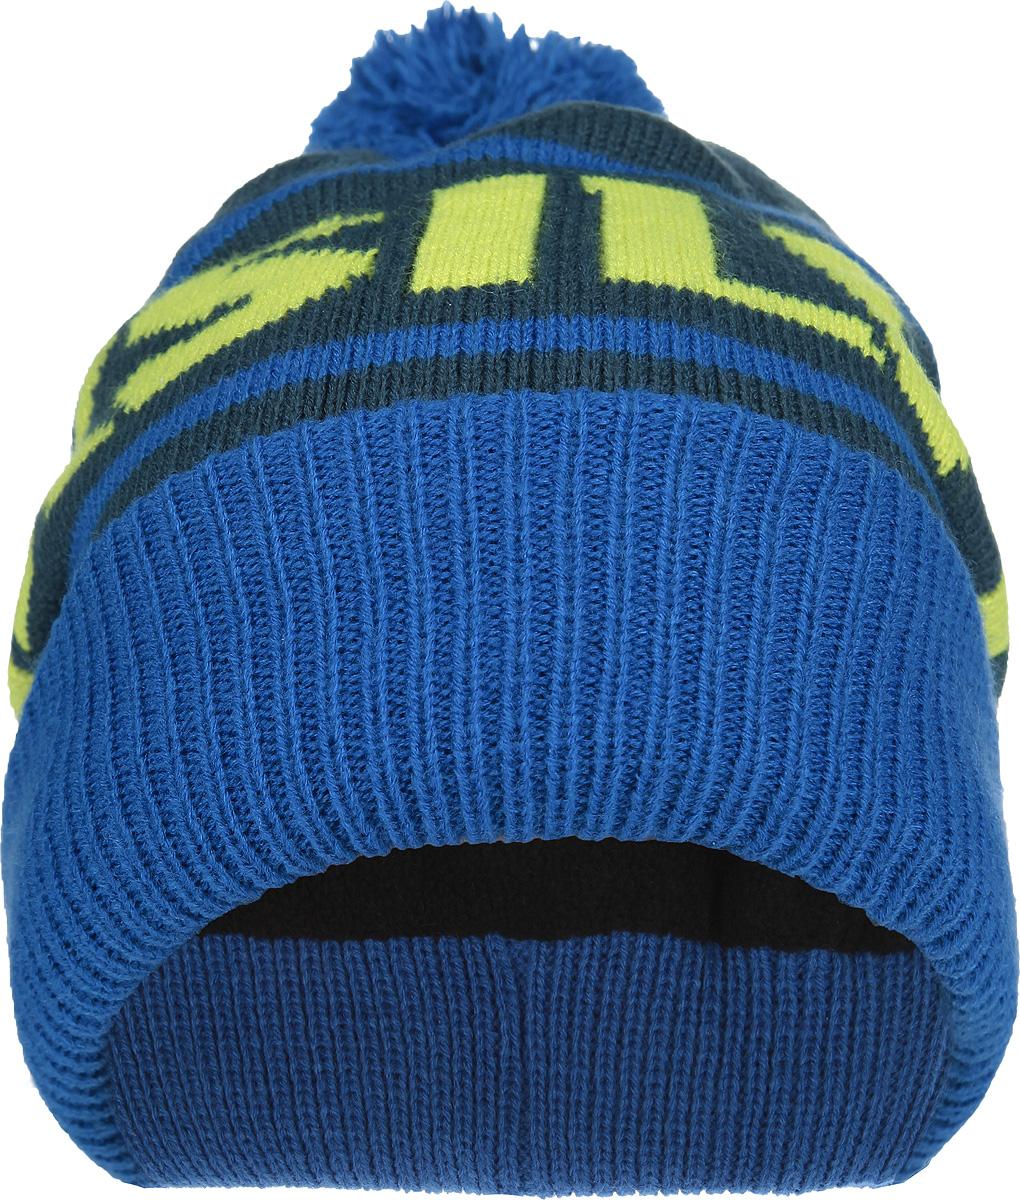 Шапка мужская Summit BeanieEQYHA03001-NZG0Стильная мужская шапка Quiksilver Summit Beanie дополнит ваш наряд и не позволит вам замерзнуть в холодное время года. Шапка-бини мелкой вязки выполнена из высококачественной акриловой пряжи, что позволяет ей великолепно сохранять тепло и обеспечивает высокую эластичность и удобство посадки. Подкладка выполнена из мягкого и приятного на ощупь флиса. Шапка с отворотом украшена пушистым помпоном и оформлена контрастной надписью Quicksilver. Такая шапка станет модным и стильным дополнением вашего зимнего гардероба, великолепно подойдет для активного отдыха и занятия спортом. Она согреет вас и позволит подчеркнуть свою индивидуальность!